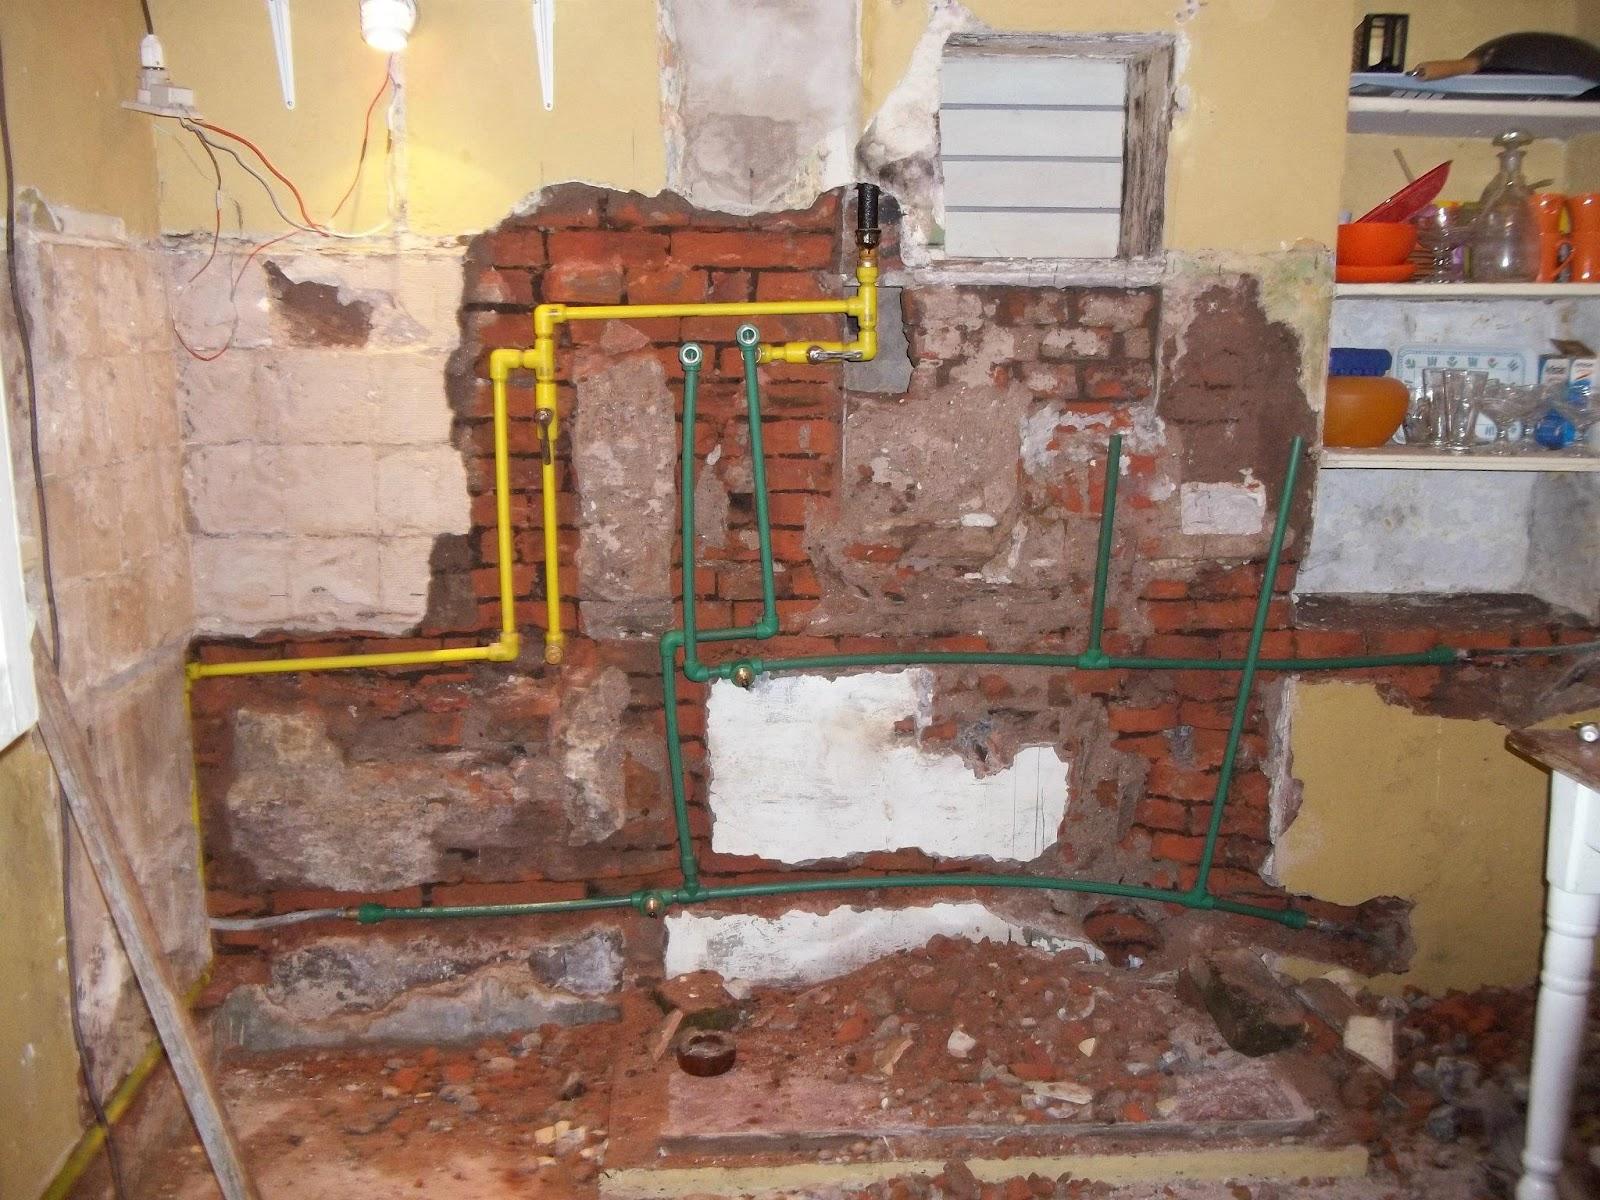 Pulse servicios integrales refacci n cocina for Mueble para calentador de agua